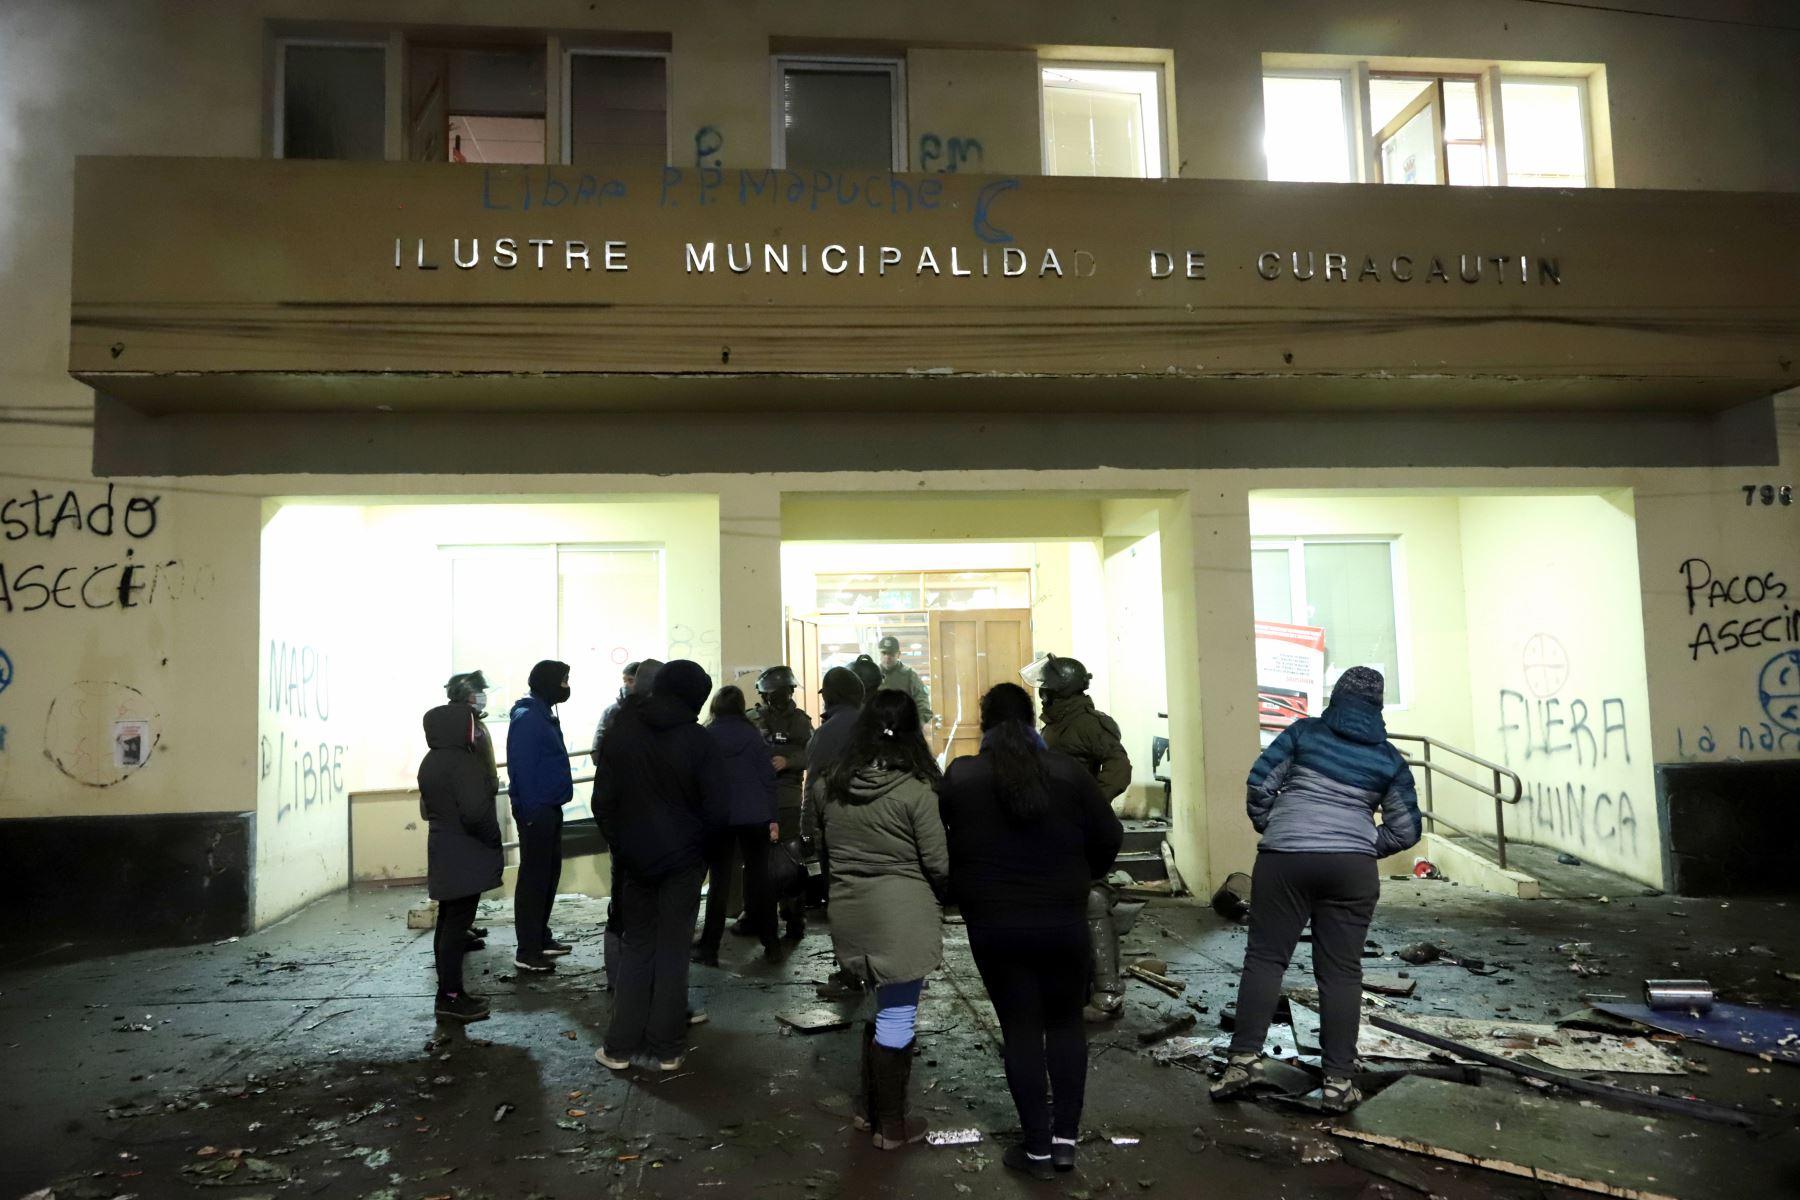 Vista del municipio de Curacautín después de que fue destruido anoche durante las protestas en la región de la Araucanía, sur de Chile. Foto: AFP